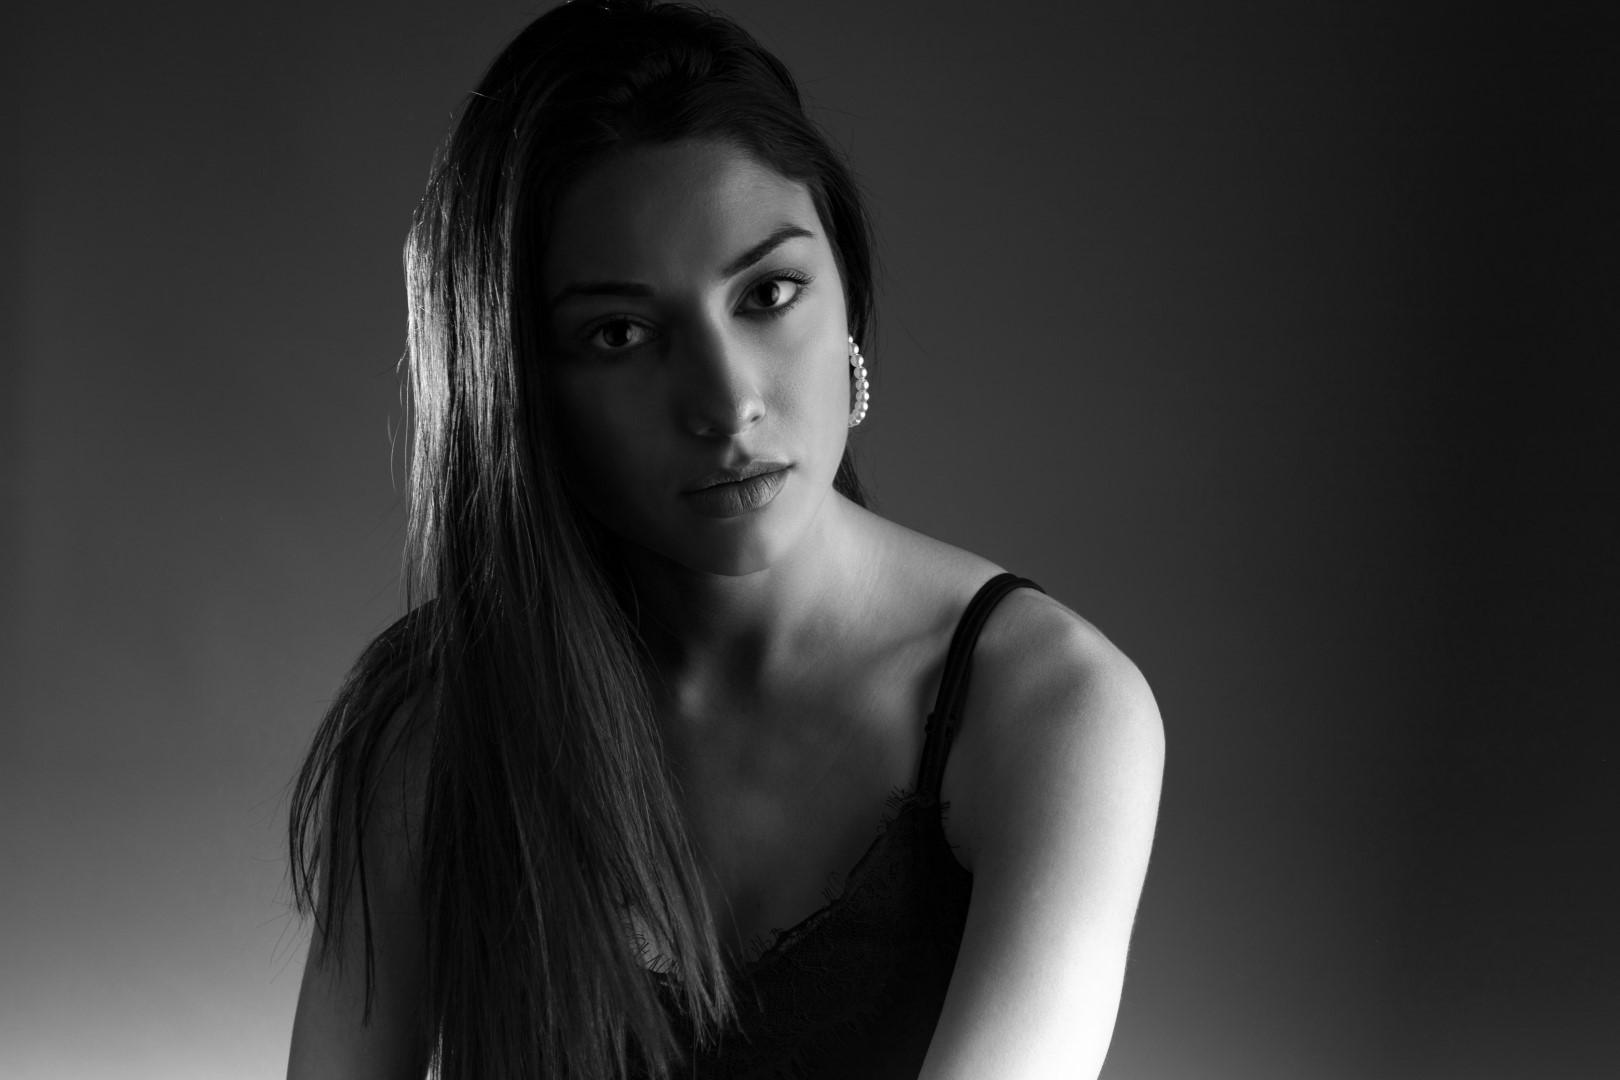 Арт Фотосесия - Нели (18)